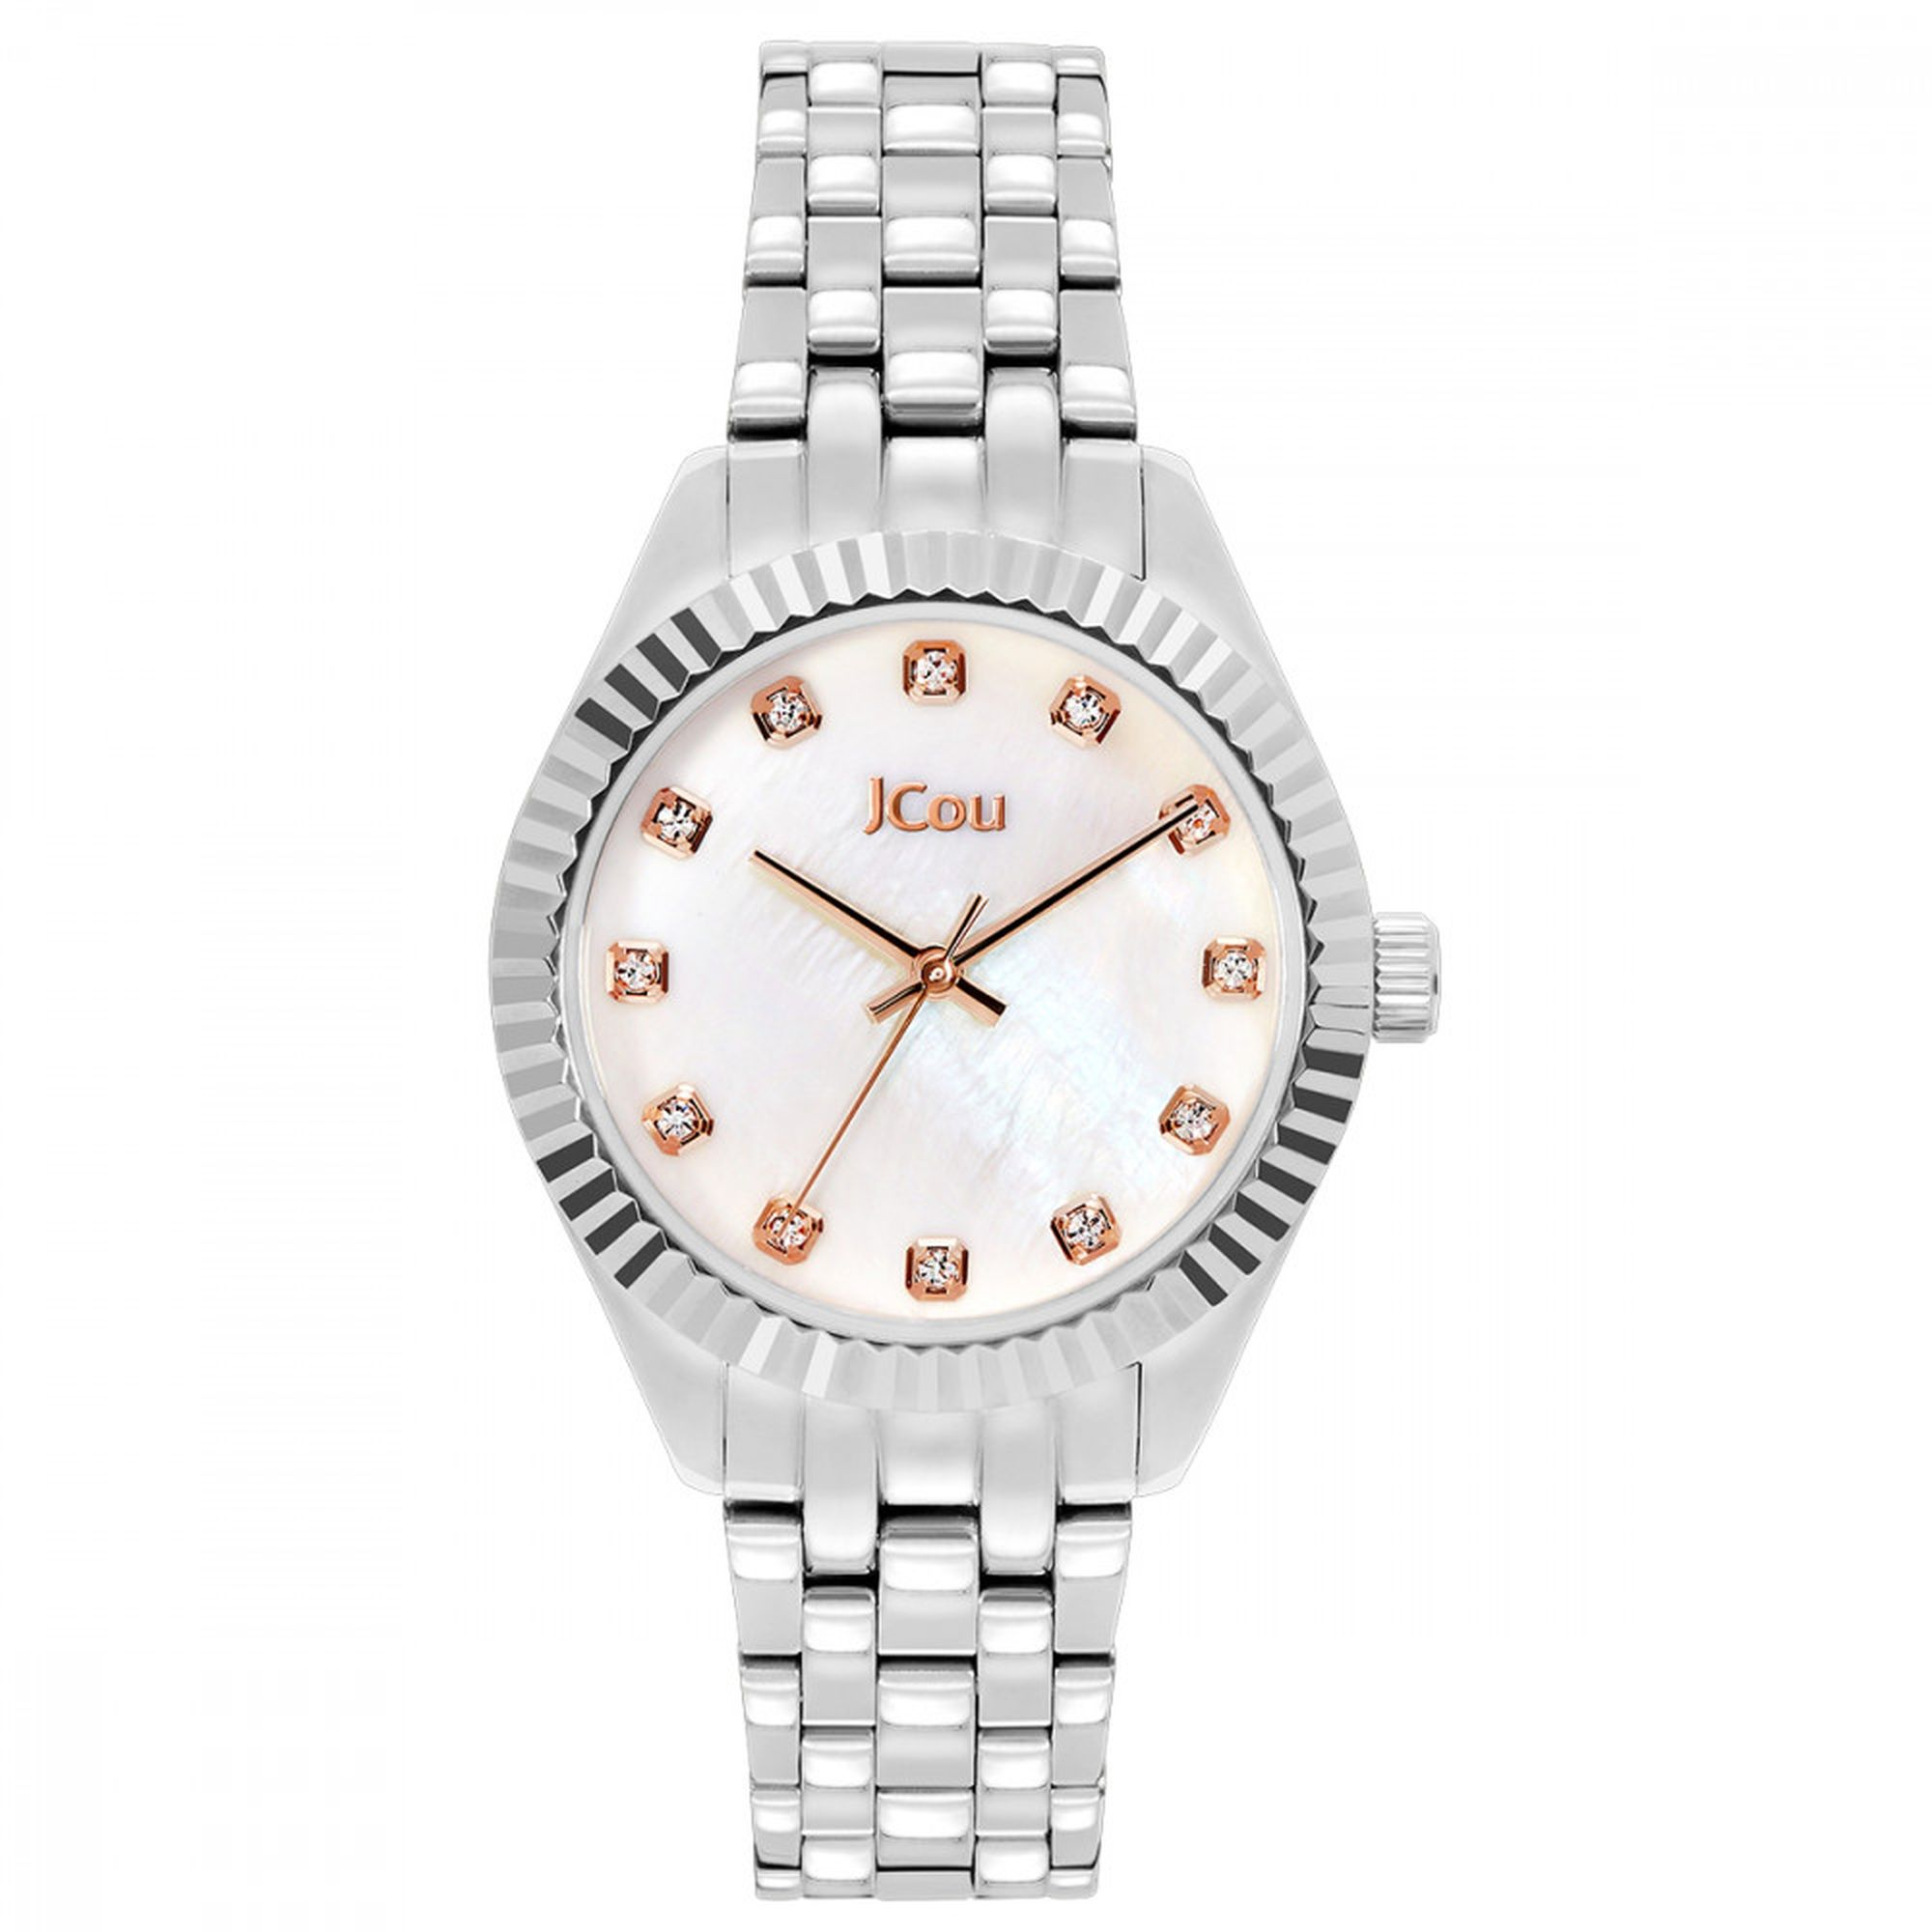 Jcou Lucille Silver,Loisir, Ρολόγια Loisir, Γυναικέια ρολόγια Loisir, δωρεάν τα έξοδα αποστολής, Loisir Dazzling